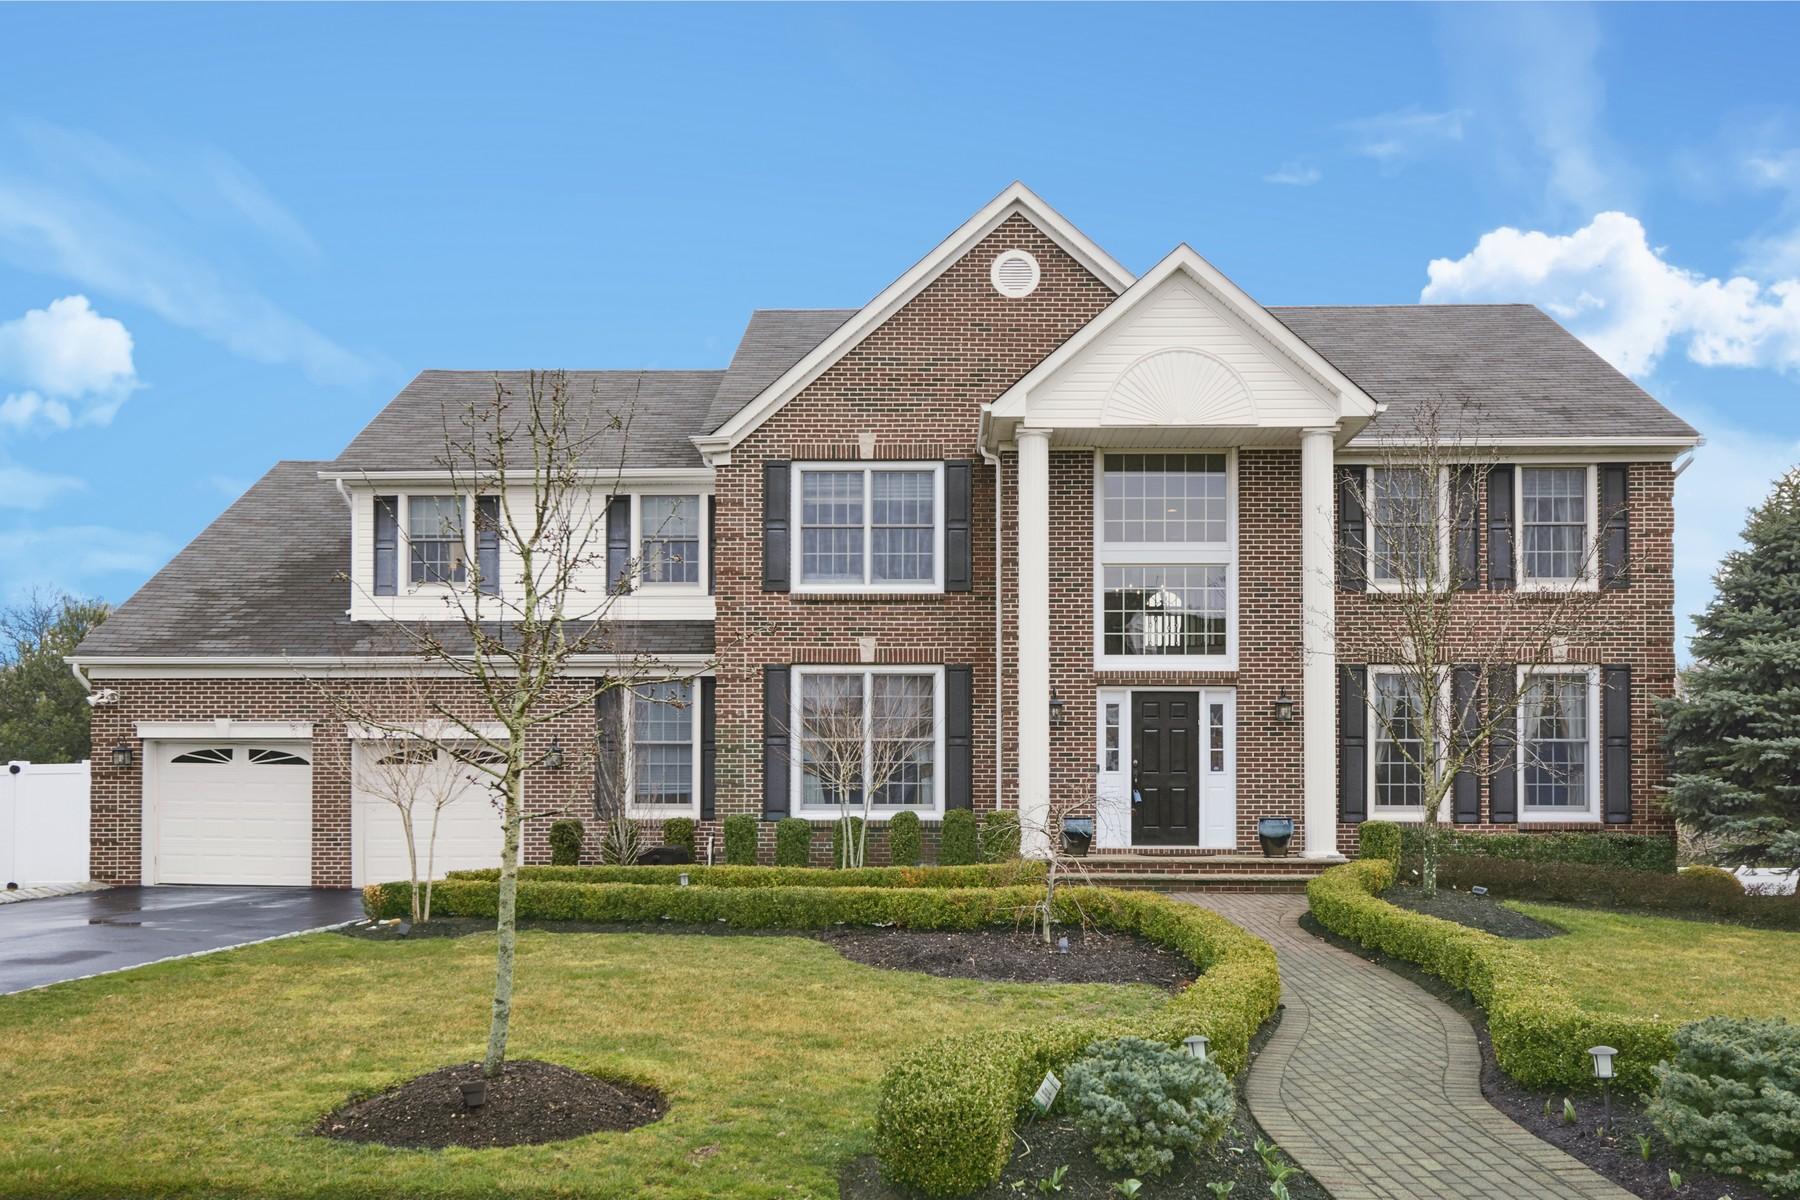 Maison unifamiliale pour l Vente à Upscale Design 8 The Fellsway Ocean, New Jersey 07712 États-Unis